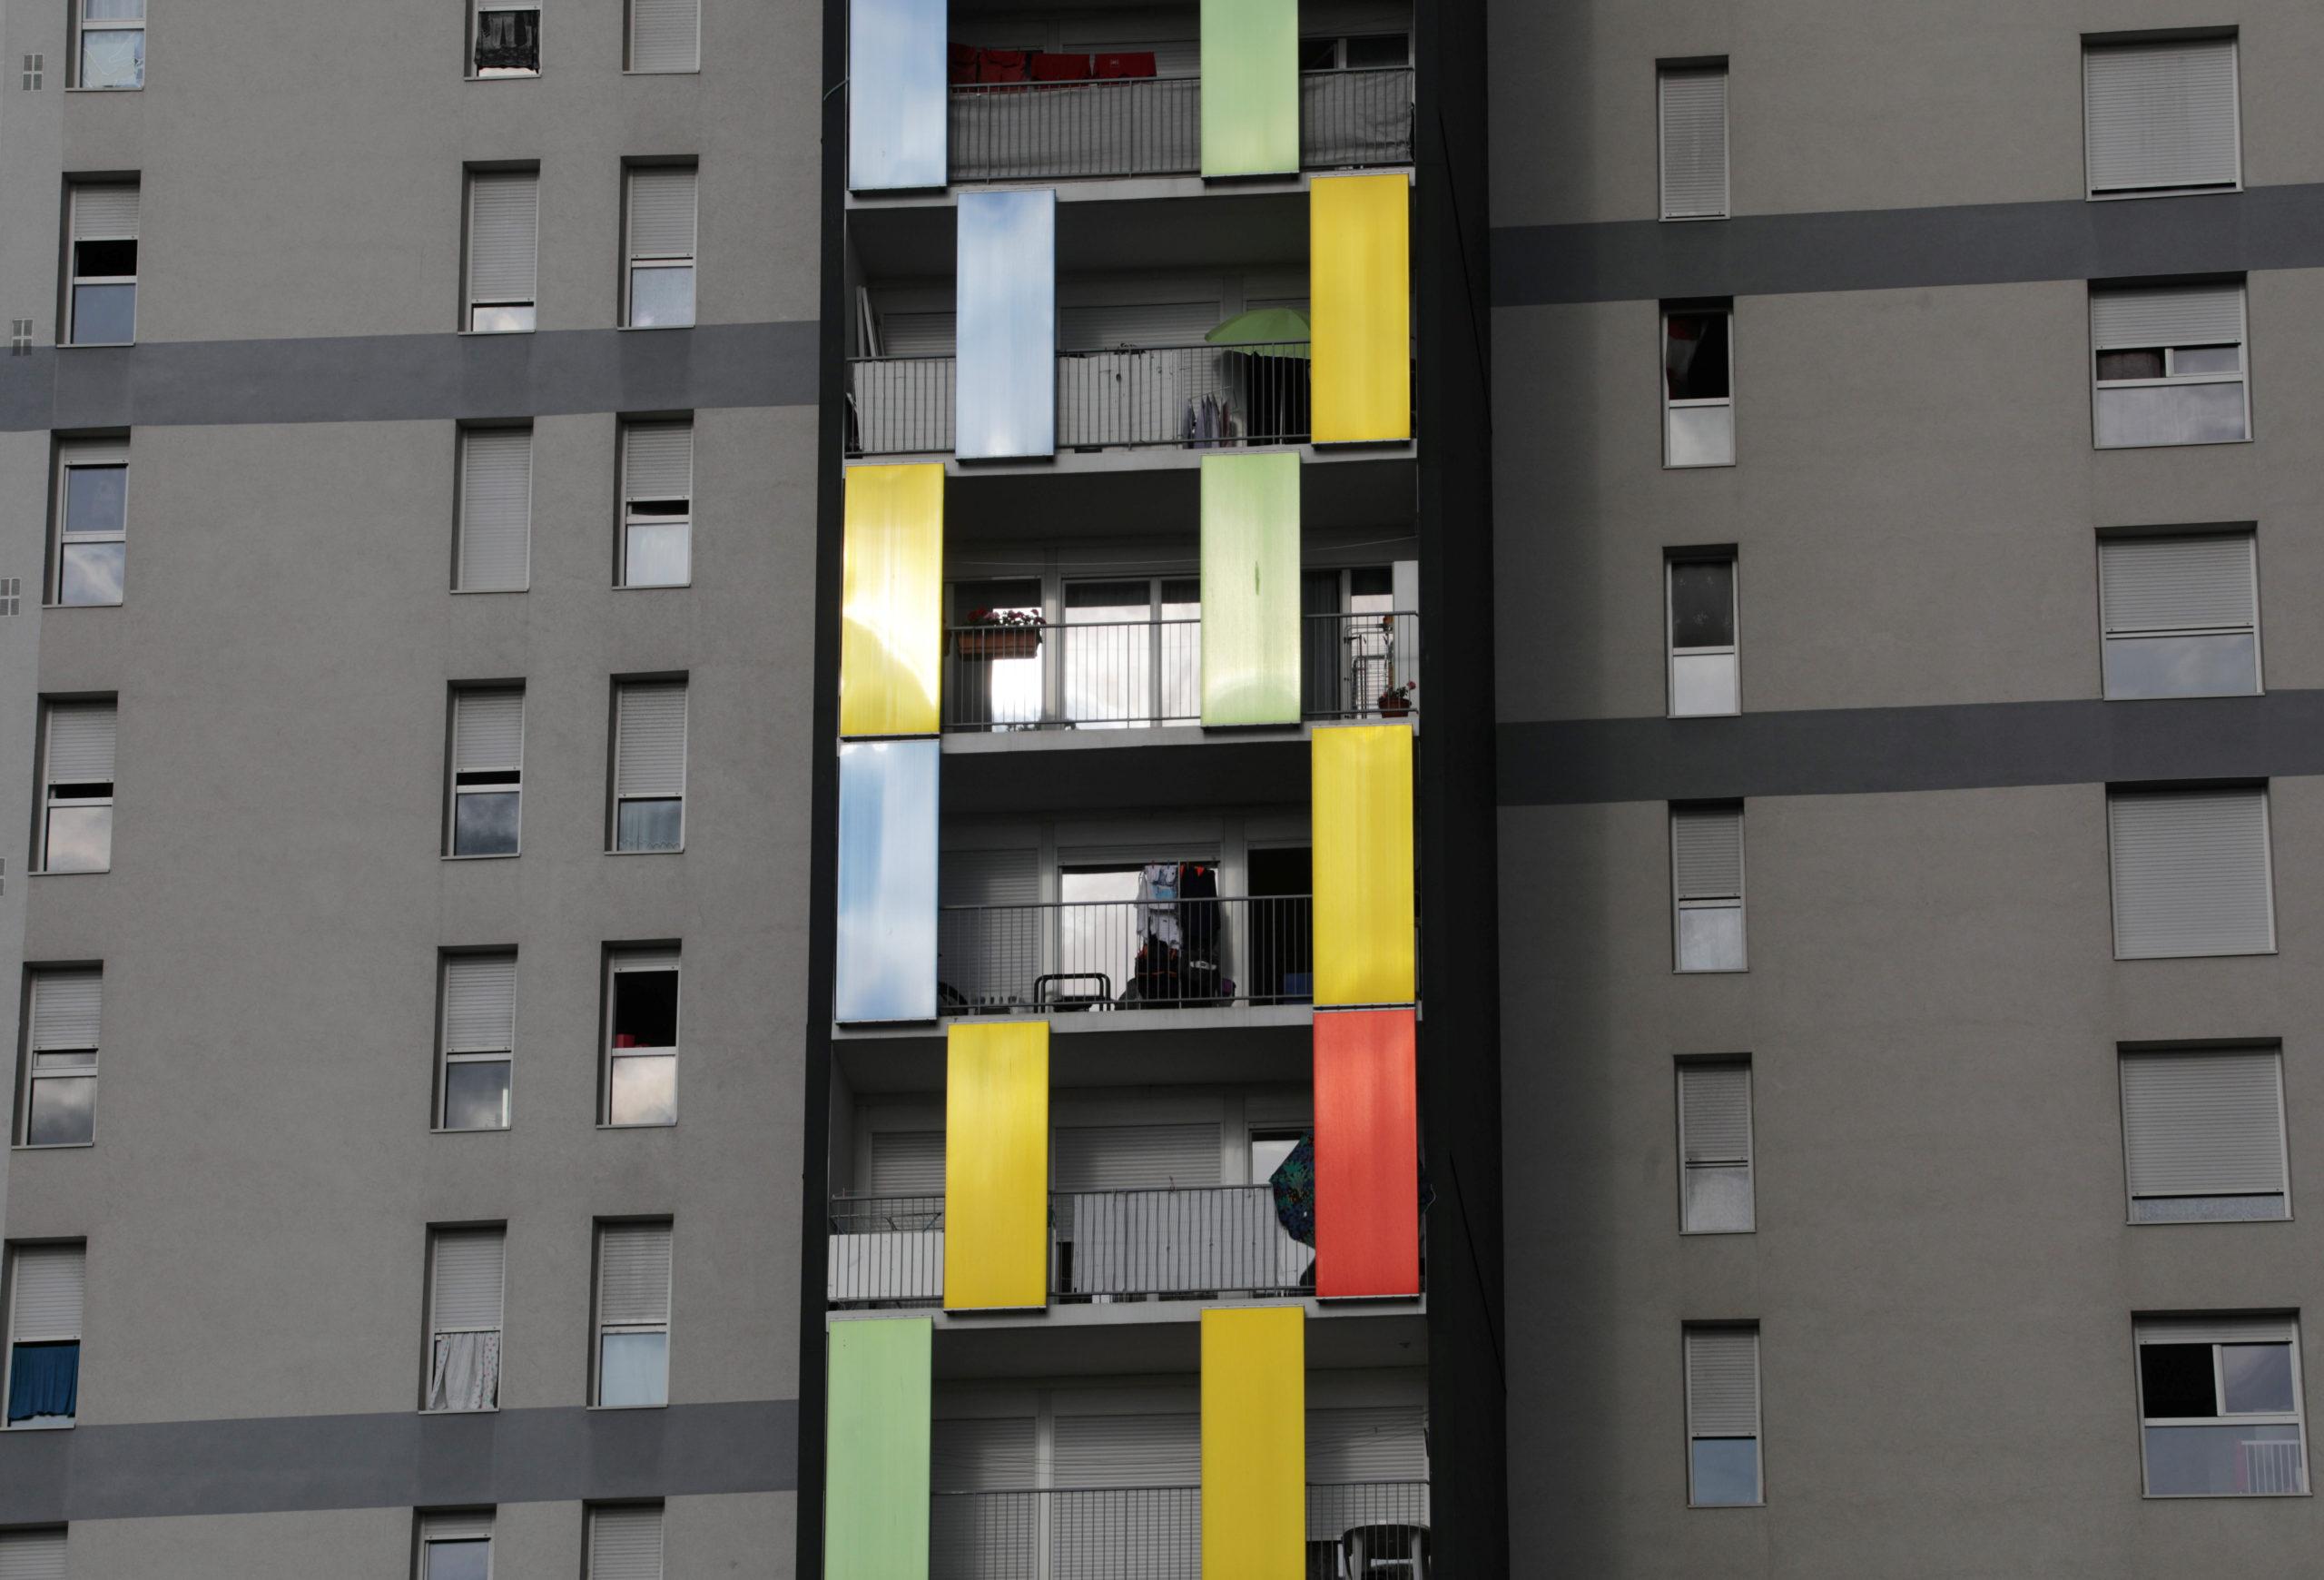 Les ventes de logements neufs ont baissé de 0,9% au troisième trimestre par rapport au troisième trimestre 2018, avec 27.900 logements neufs vendus en France métropolitaine, a annoncé vendredi le ministère de la Cohésion des territoires. /Photo d'archives/REUTERS/Eric Gaillard